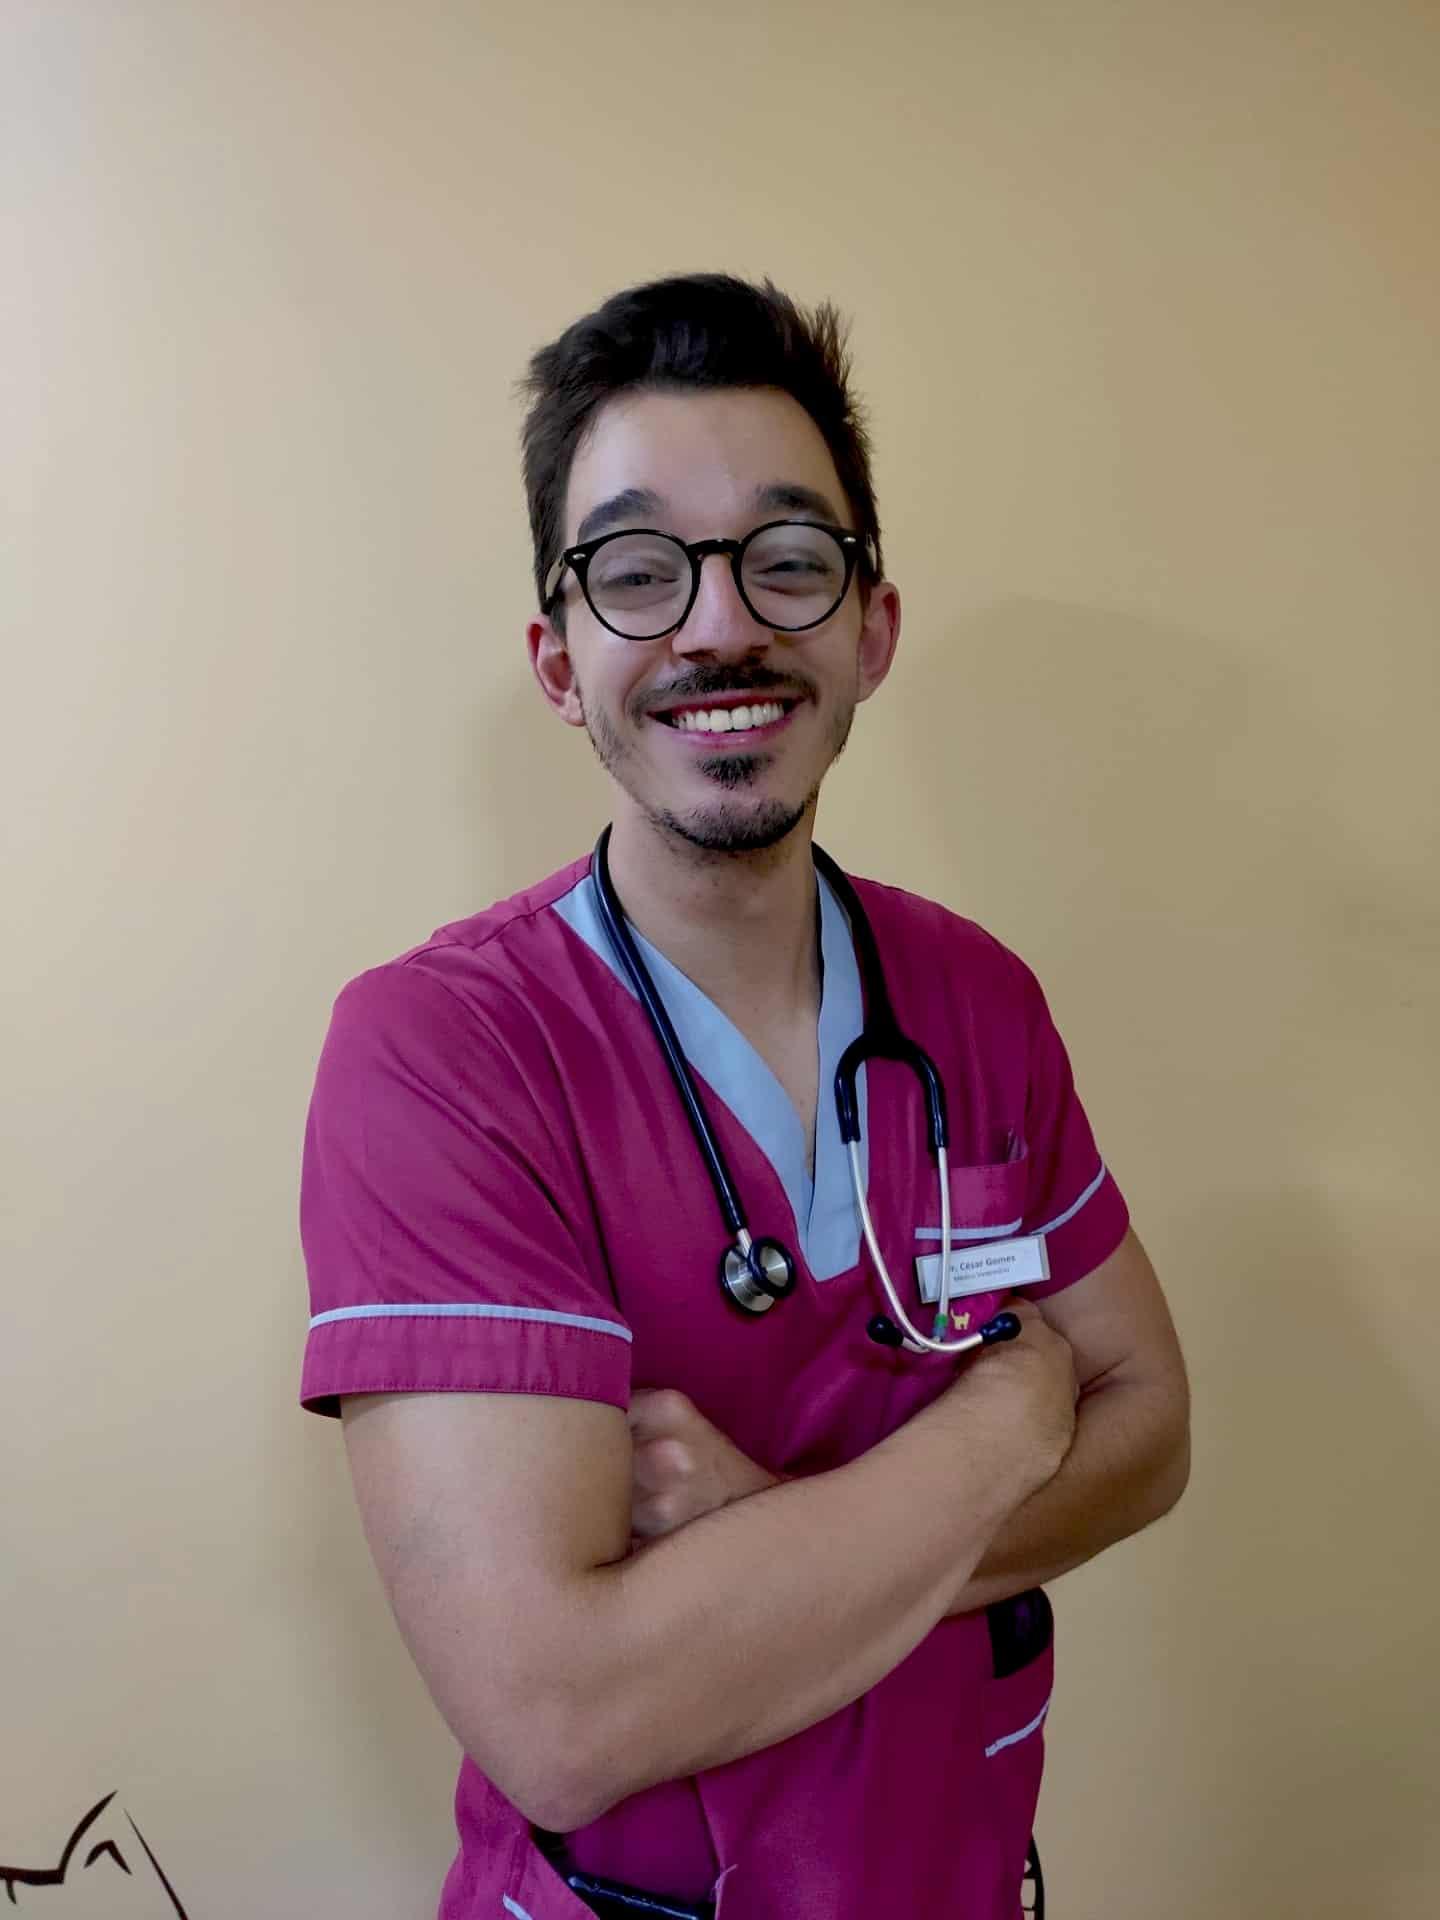 César médico veterinário